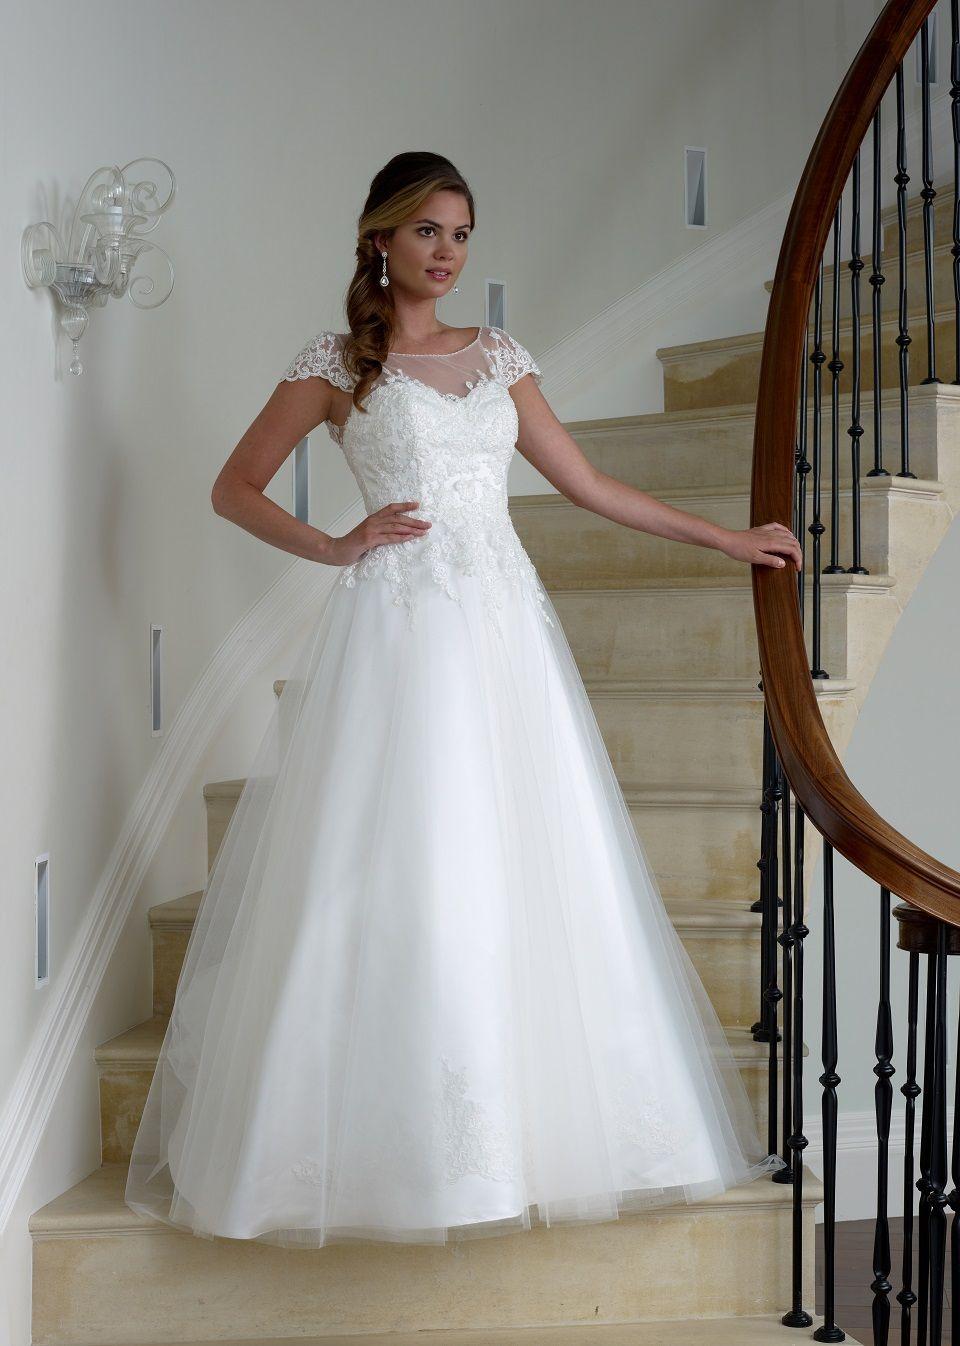 D Zage Bridal Style D31554